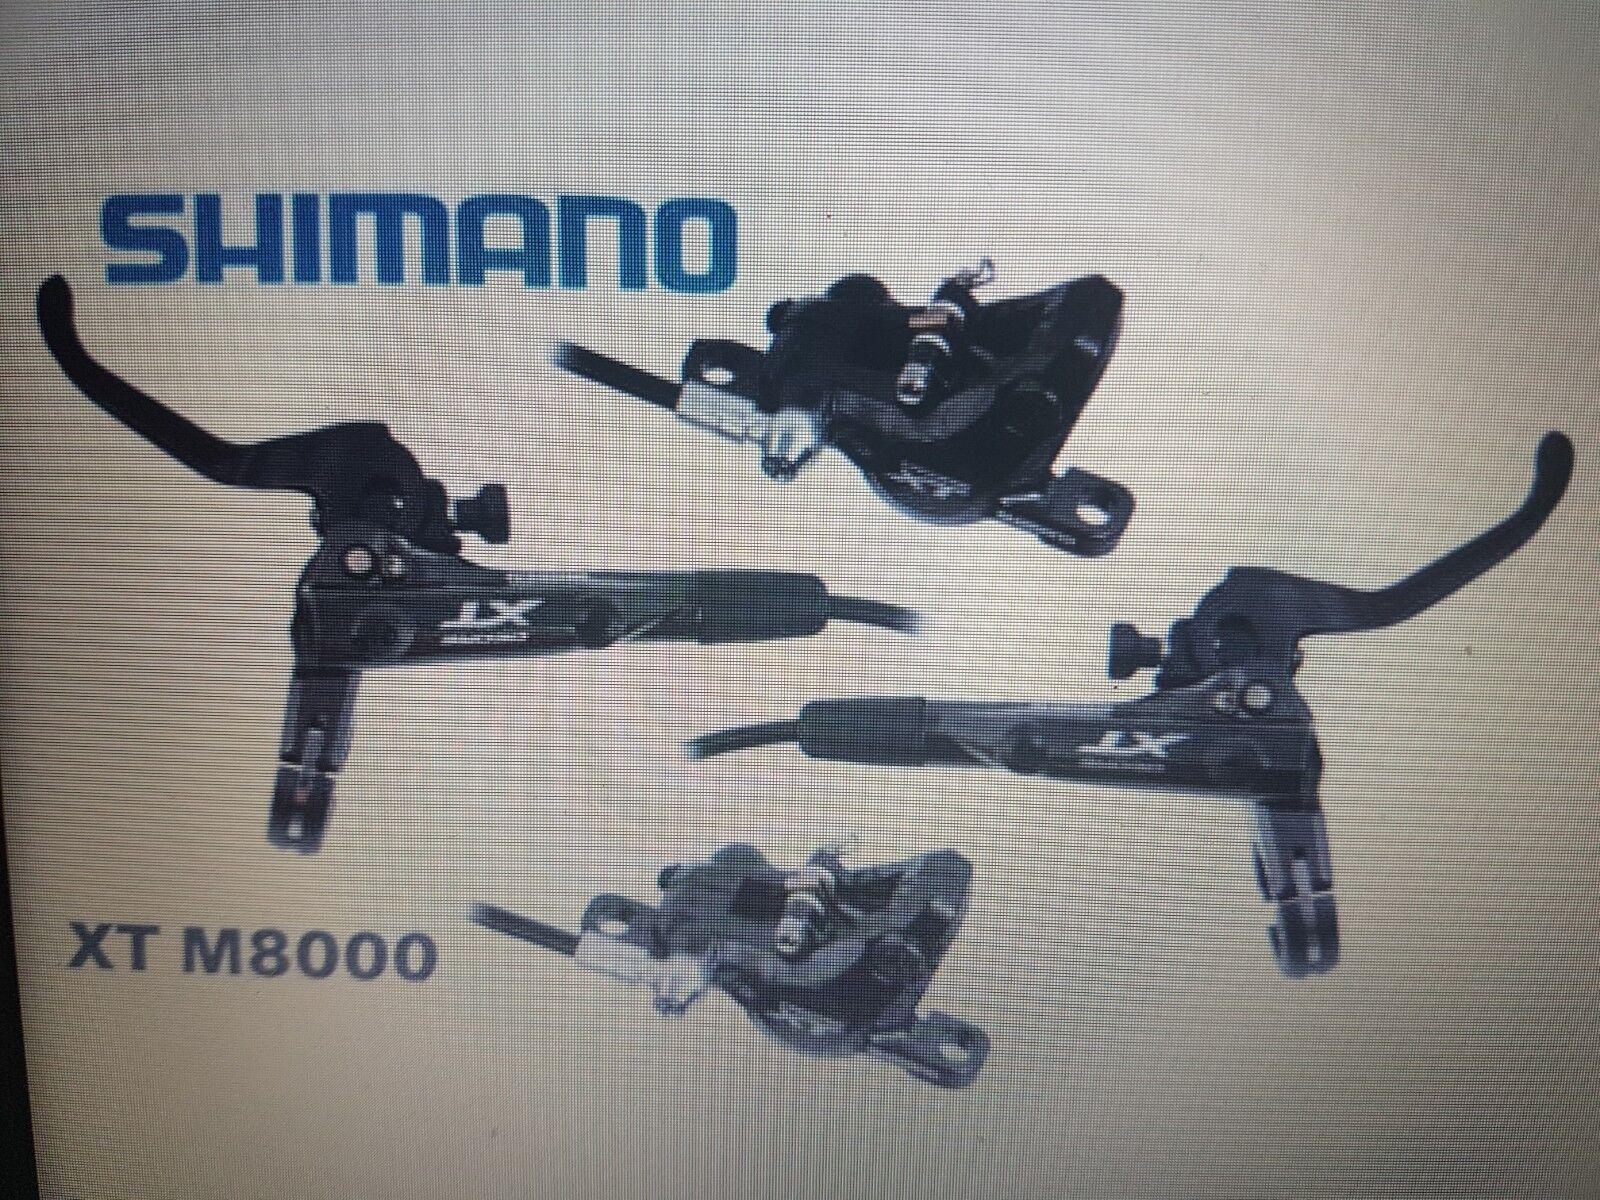 Coppia kit freni shimano xt br m8000 set